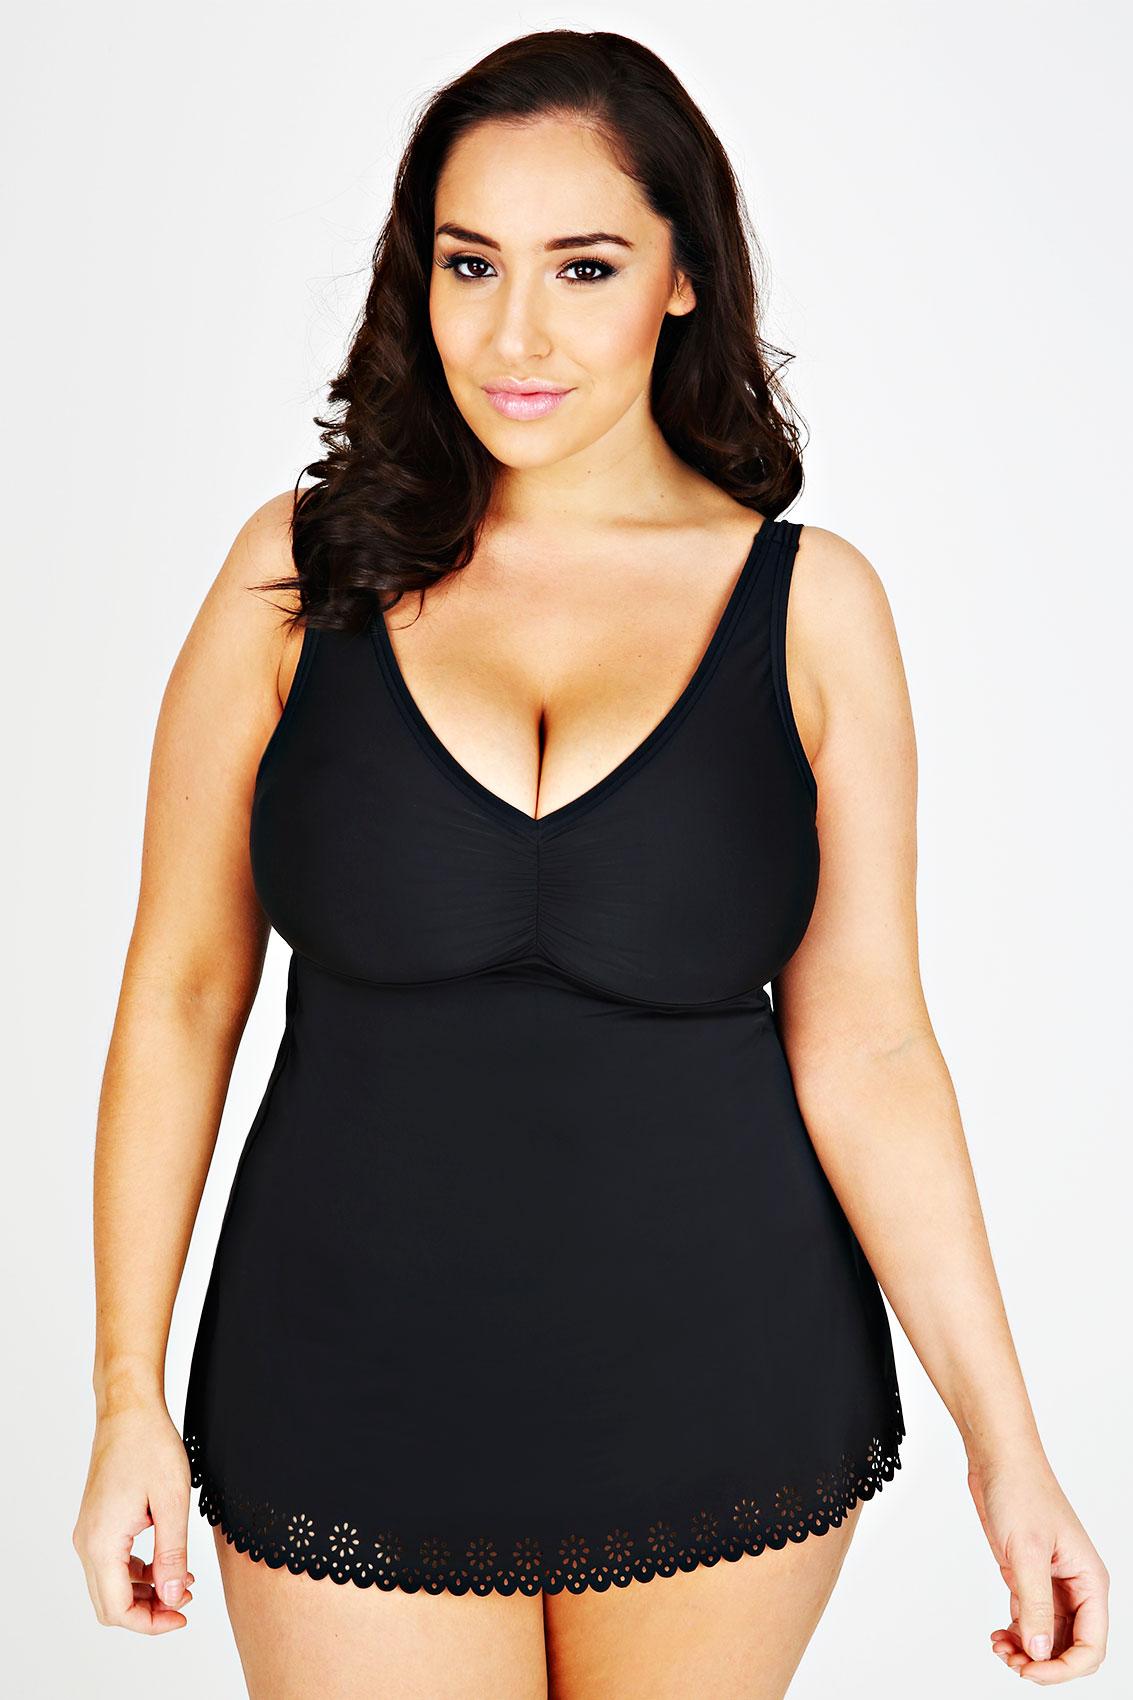 Plus Size Clothing Uk